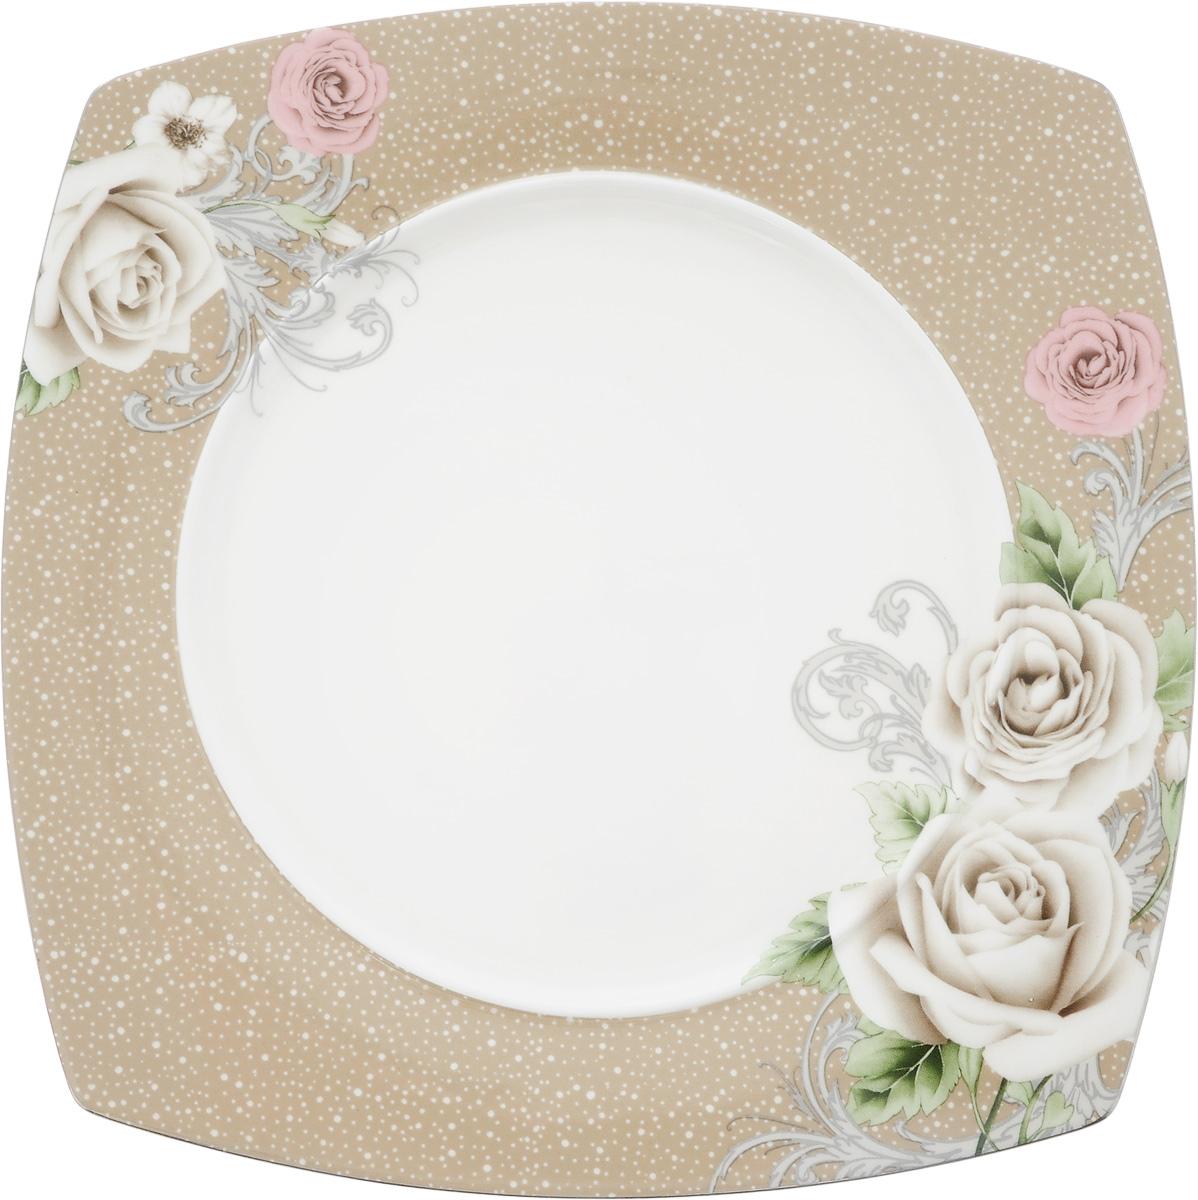 Тарелка Florance, 20 x 20 смVT-1520(SR)Тарелка Florance изготовлена из качественного фарфора. Изделие декорировано цветочным рисунком. Такая тарелка отлично подойдет в качестве блюда для сервировки закусок и нарезок, ее также можно использовать как обеденную.